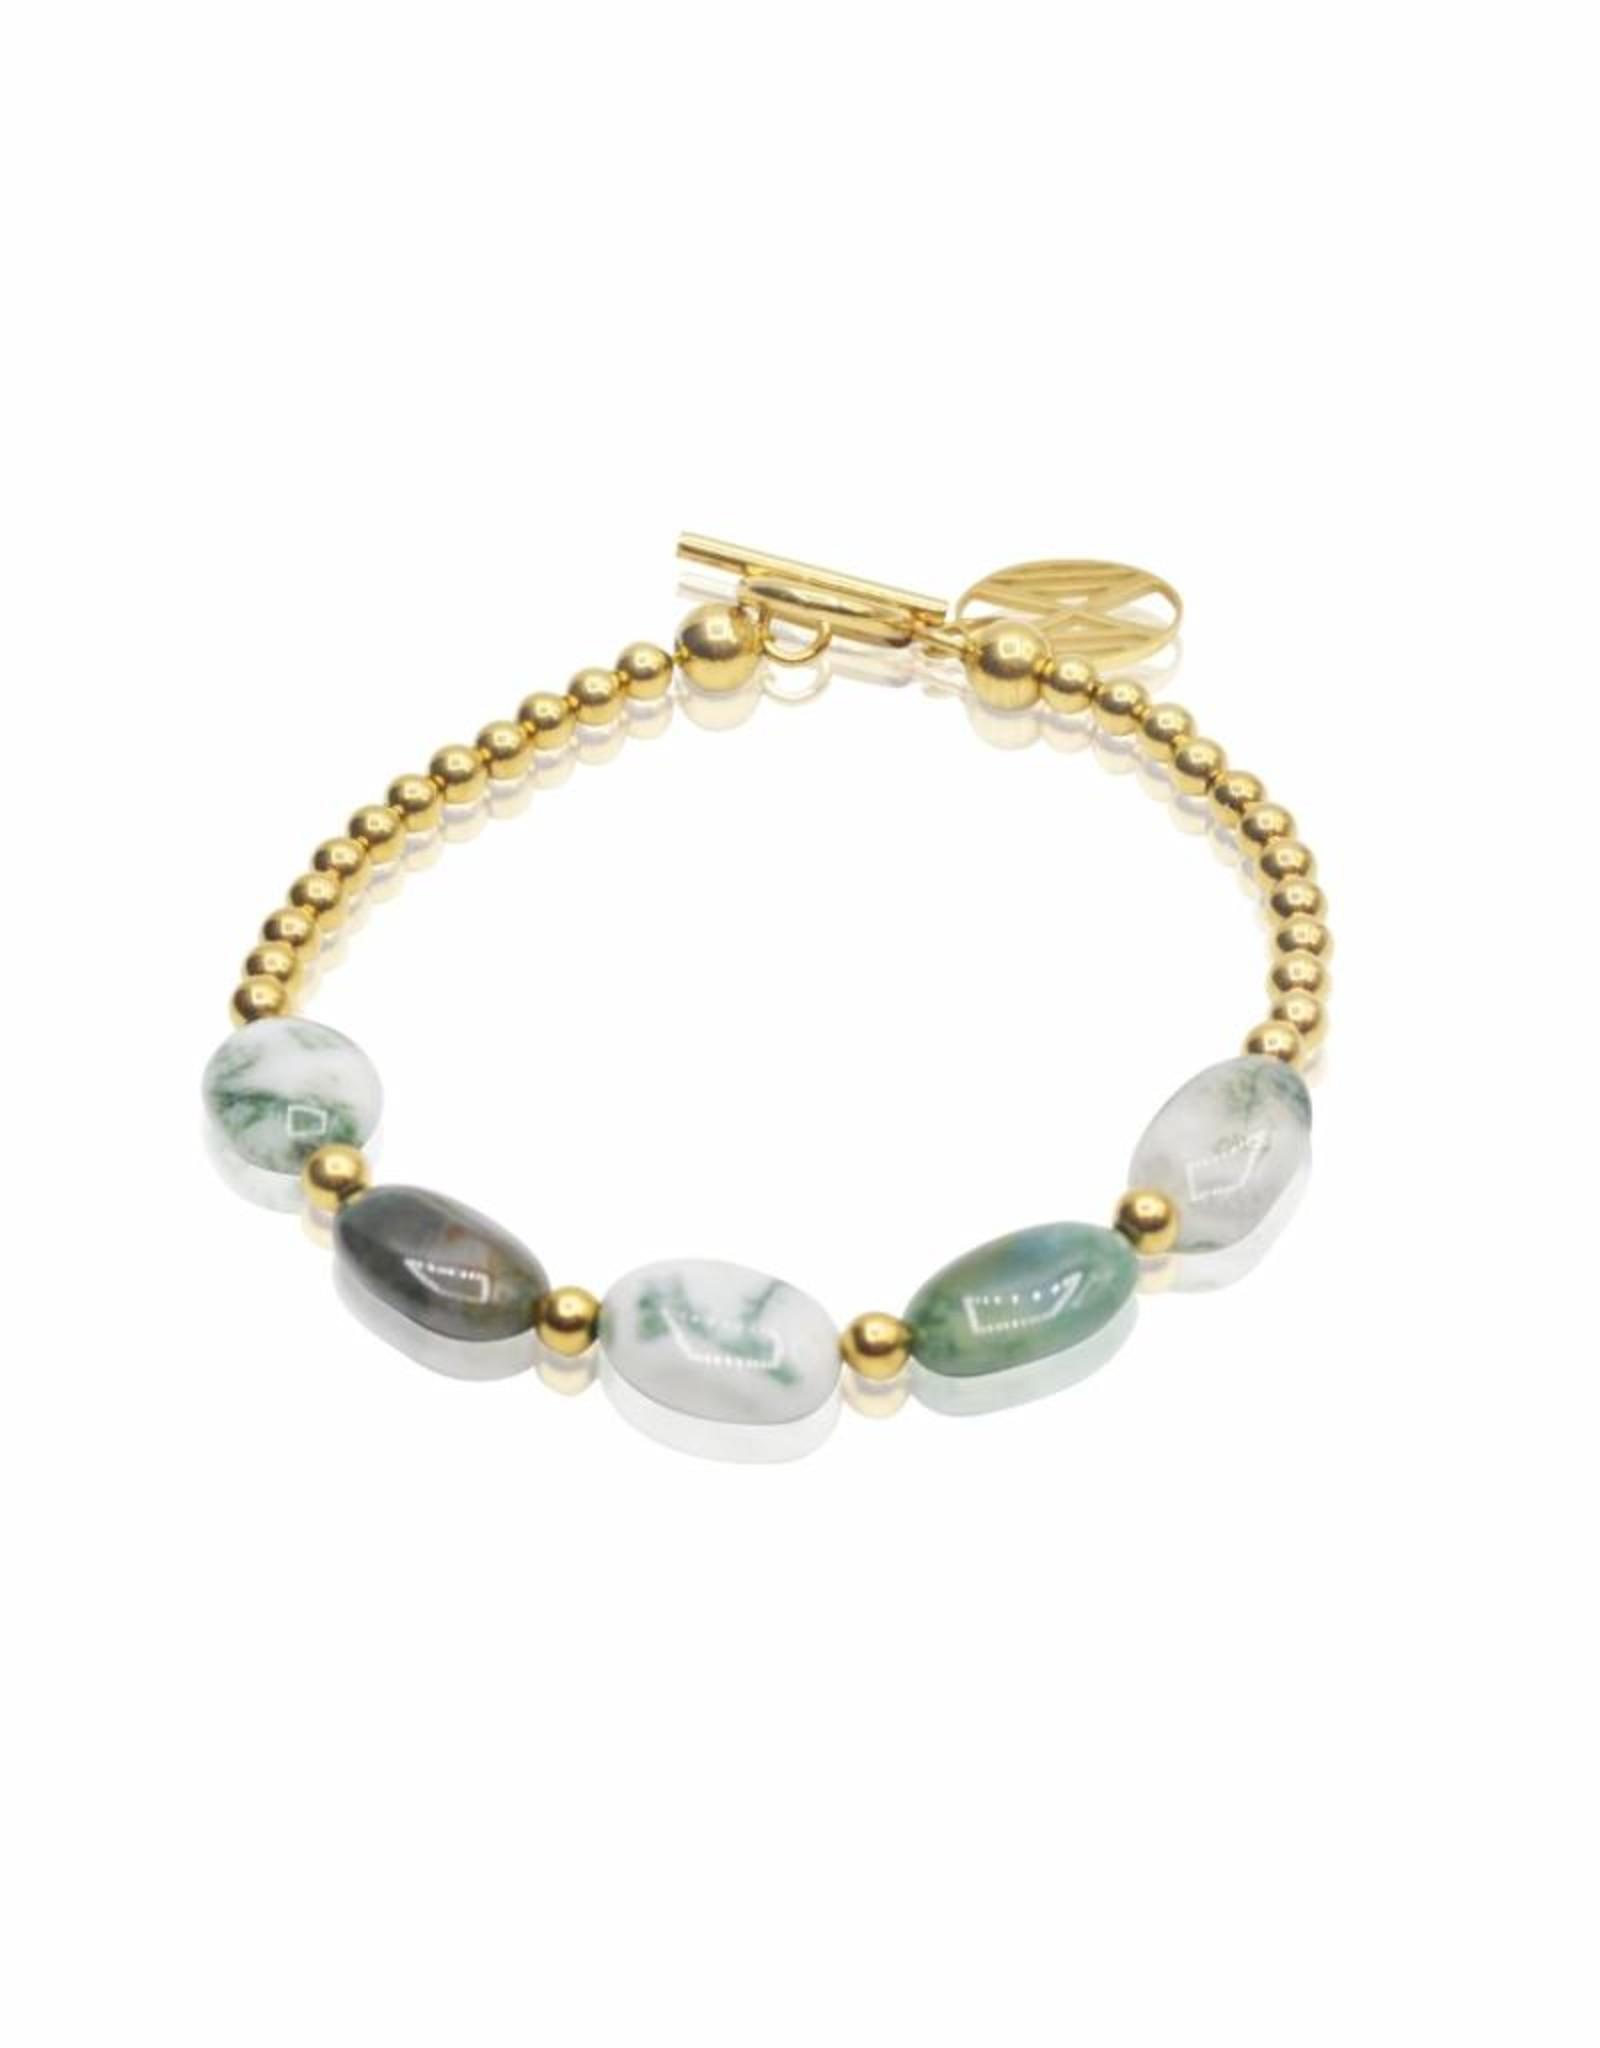 Armband van agaat en gouden kralen met slotje.